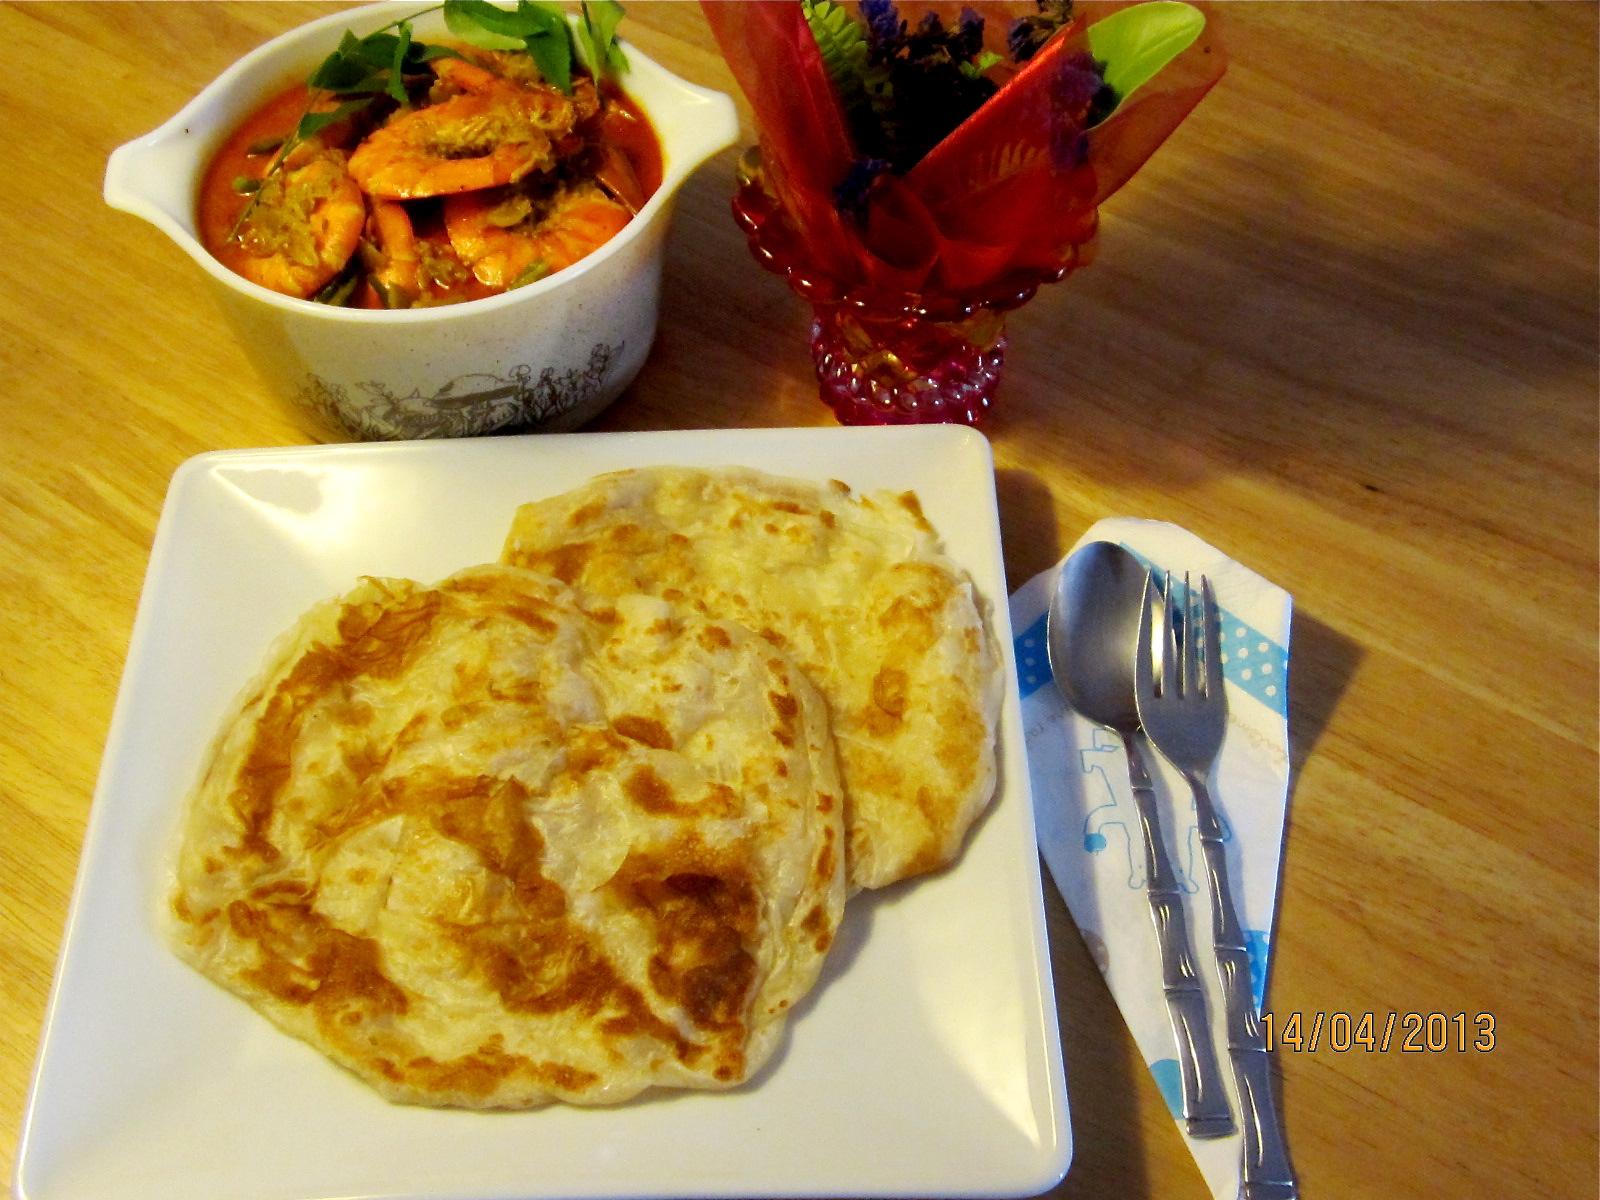 http://4.bp.blogspot.com/-Wc9bI1sS_Nc/UWqyHS3Ul2I/AAAAAAAANmg/cs74IeJFpgI/s1600/prawns+curry+020.jpg